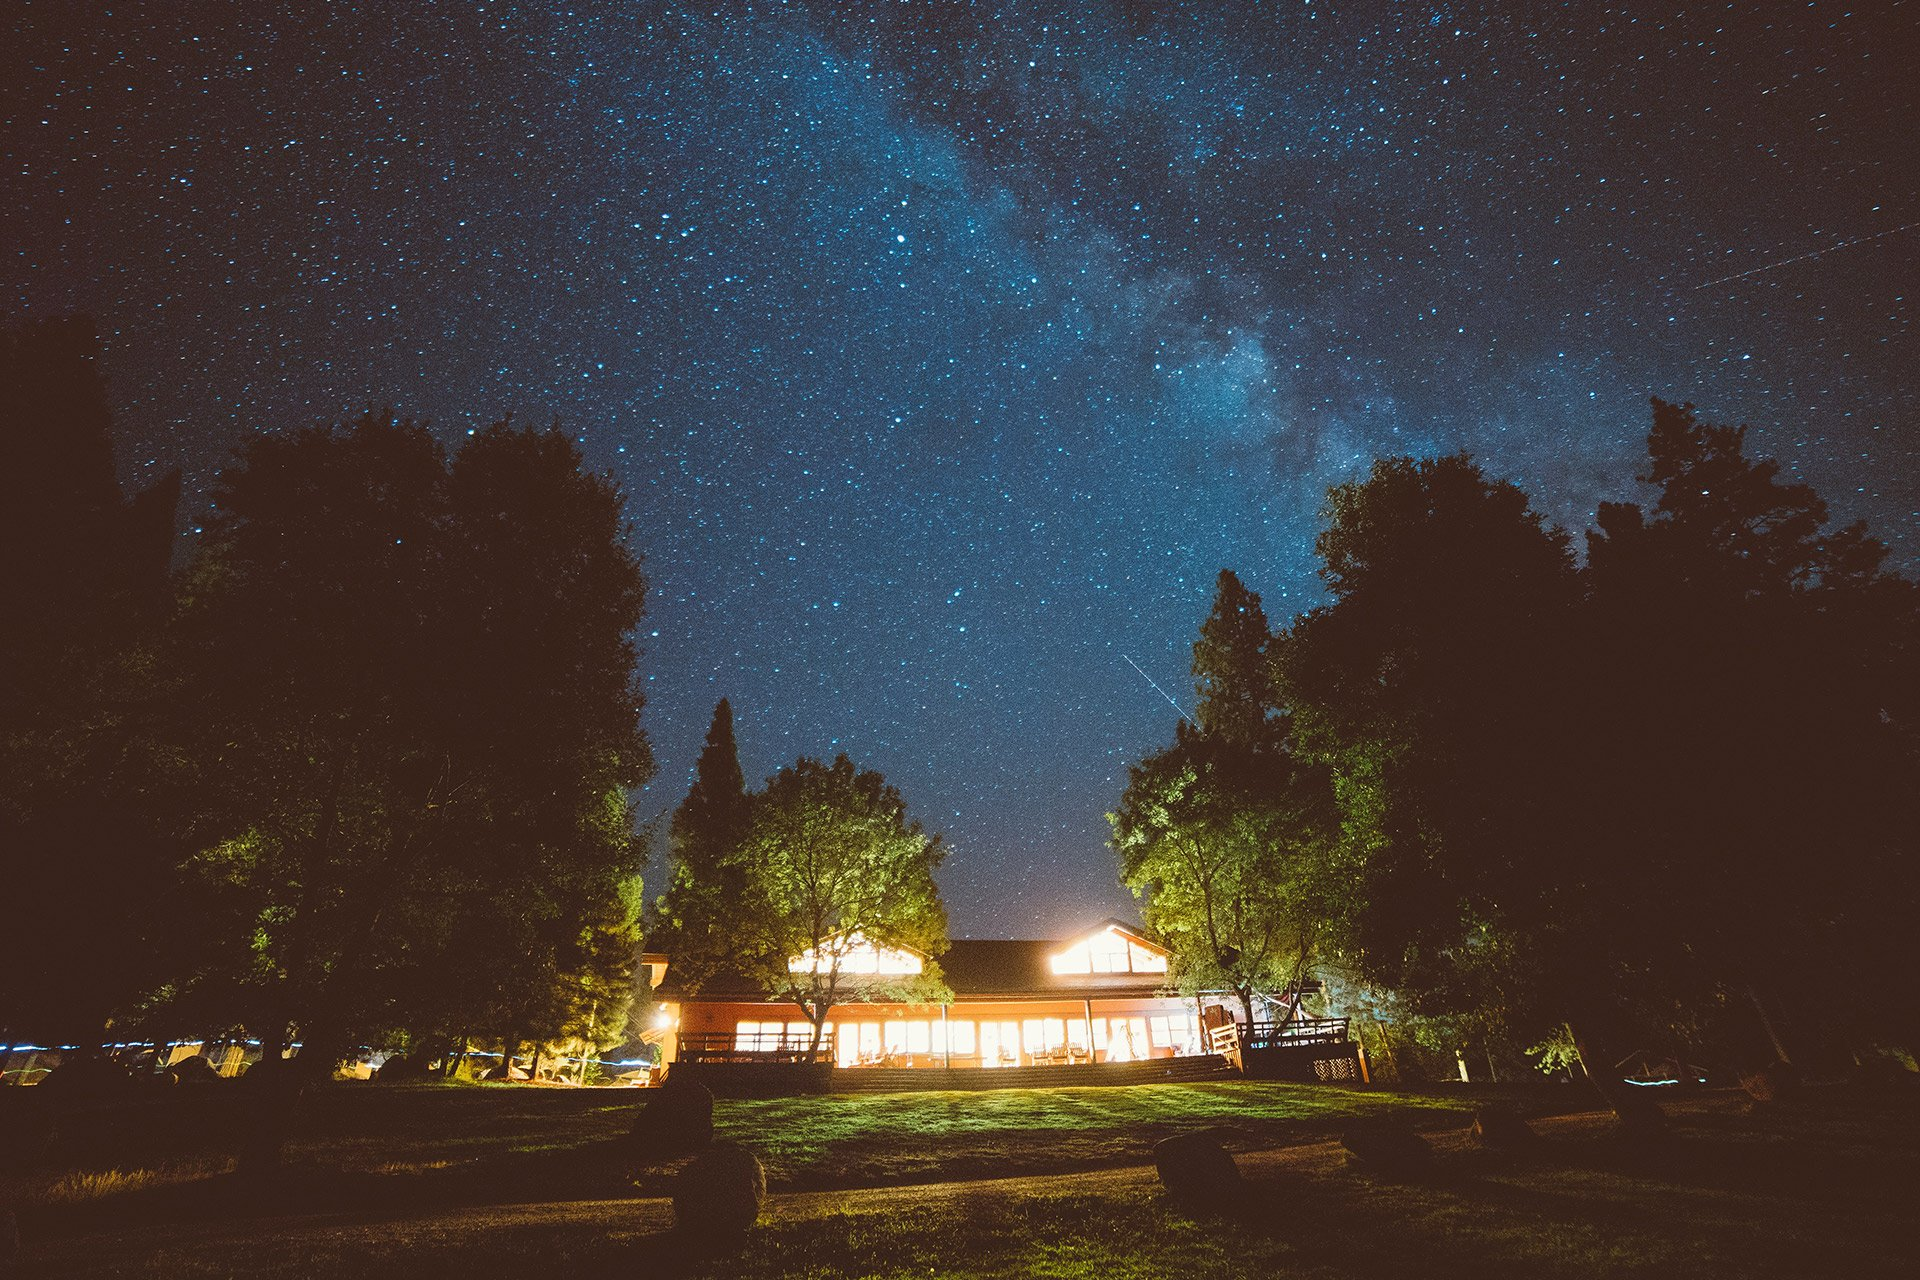 a lodge at night